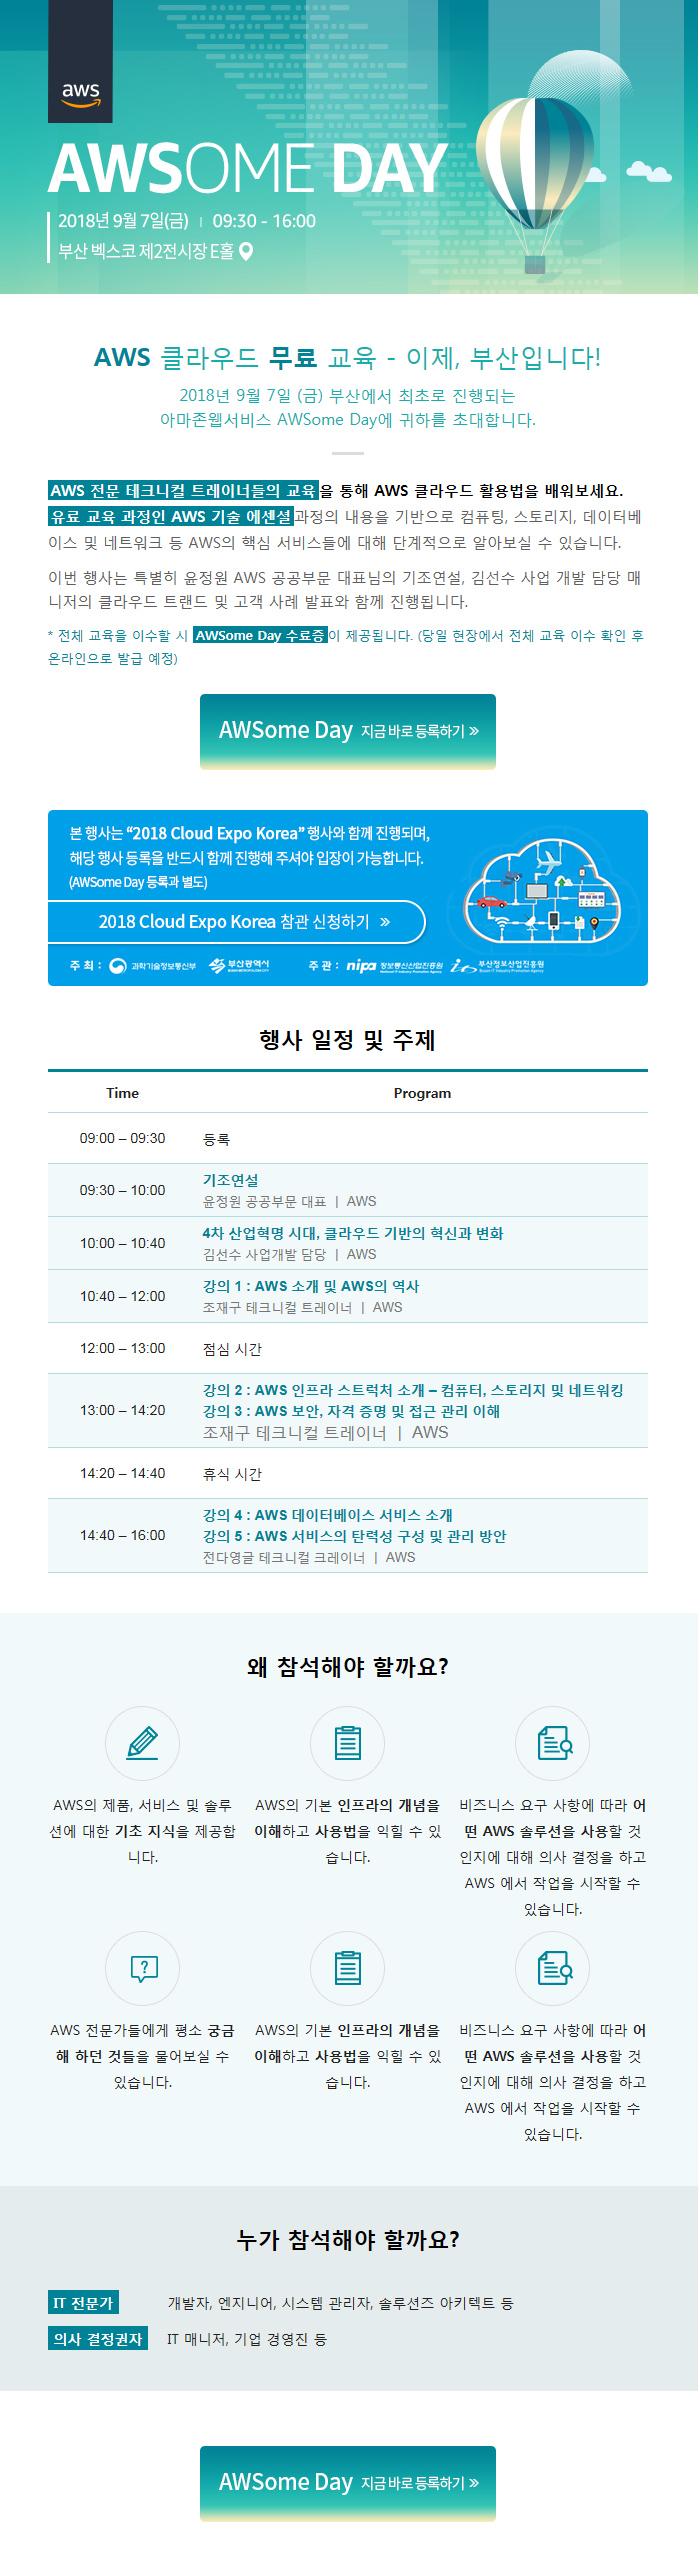 아마존웹서비스(AWS) 무료교육행사 AwSome Day 개최